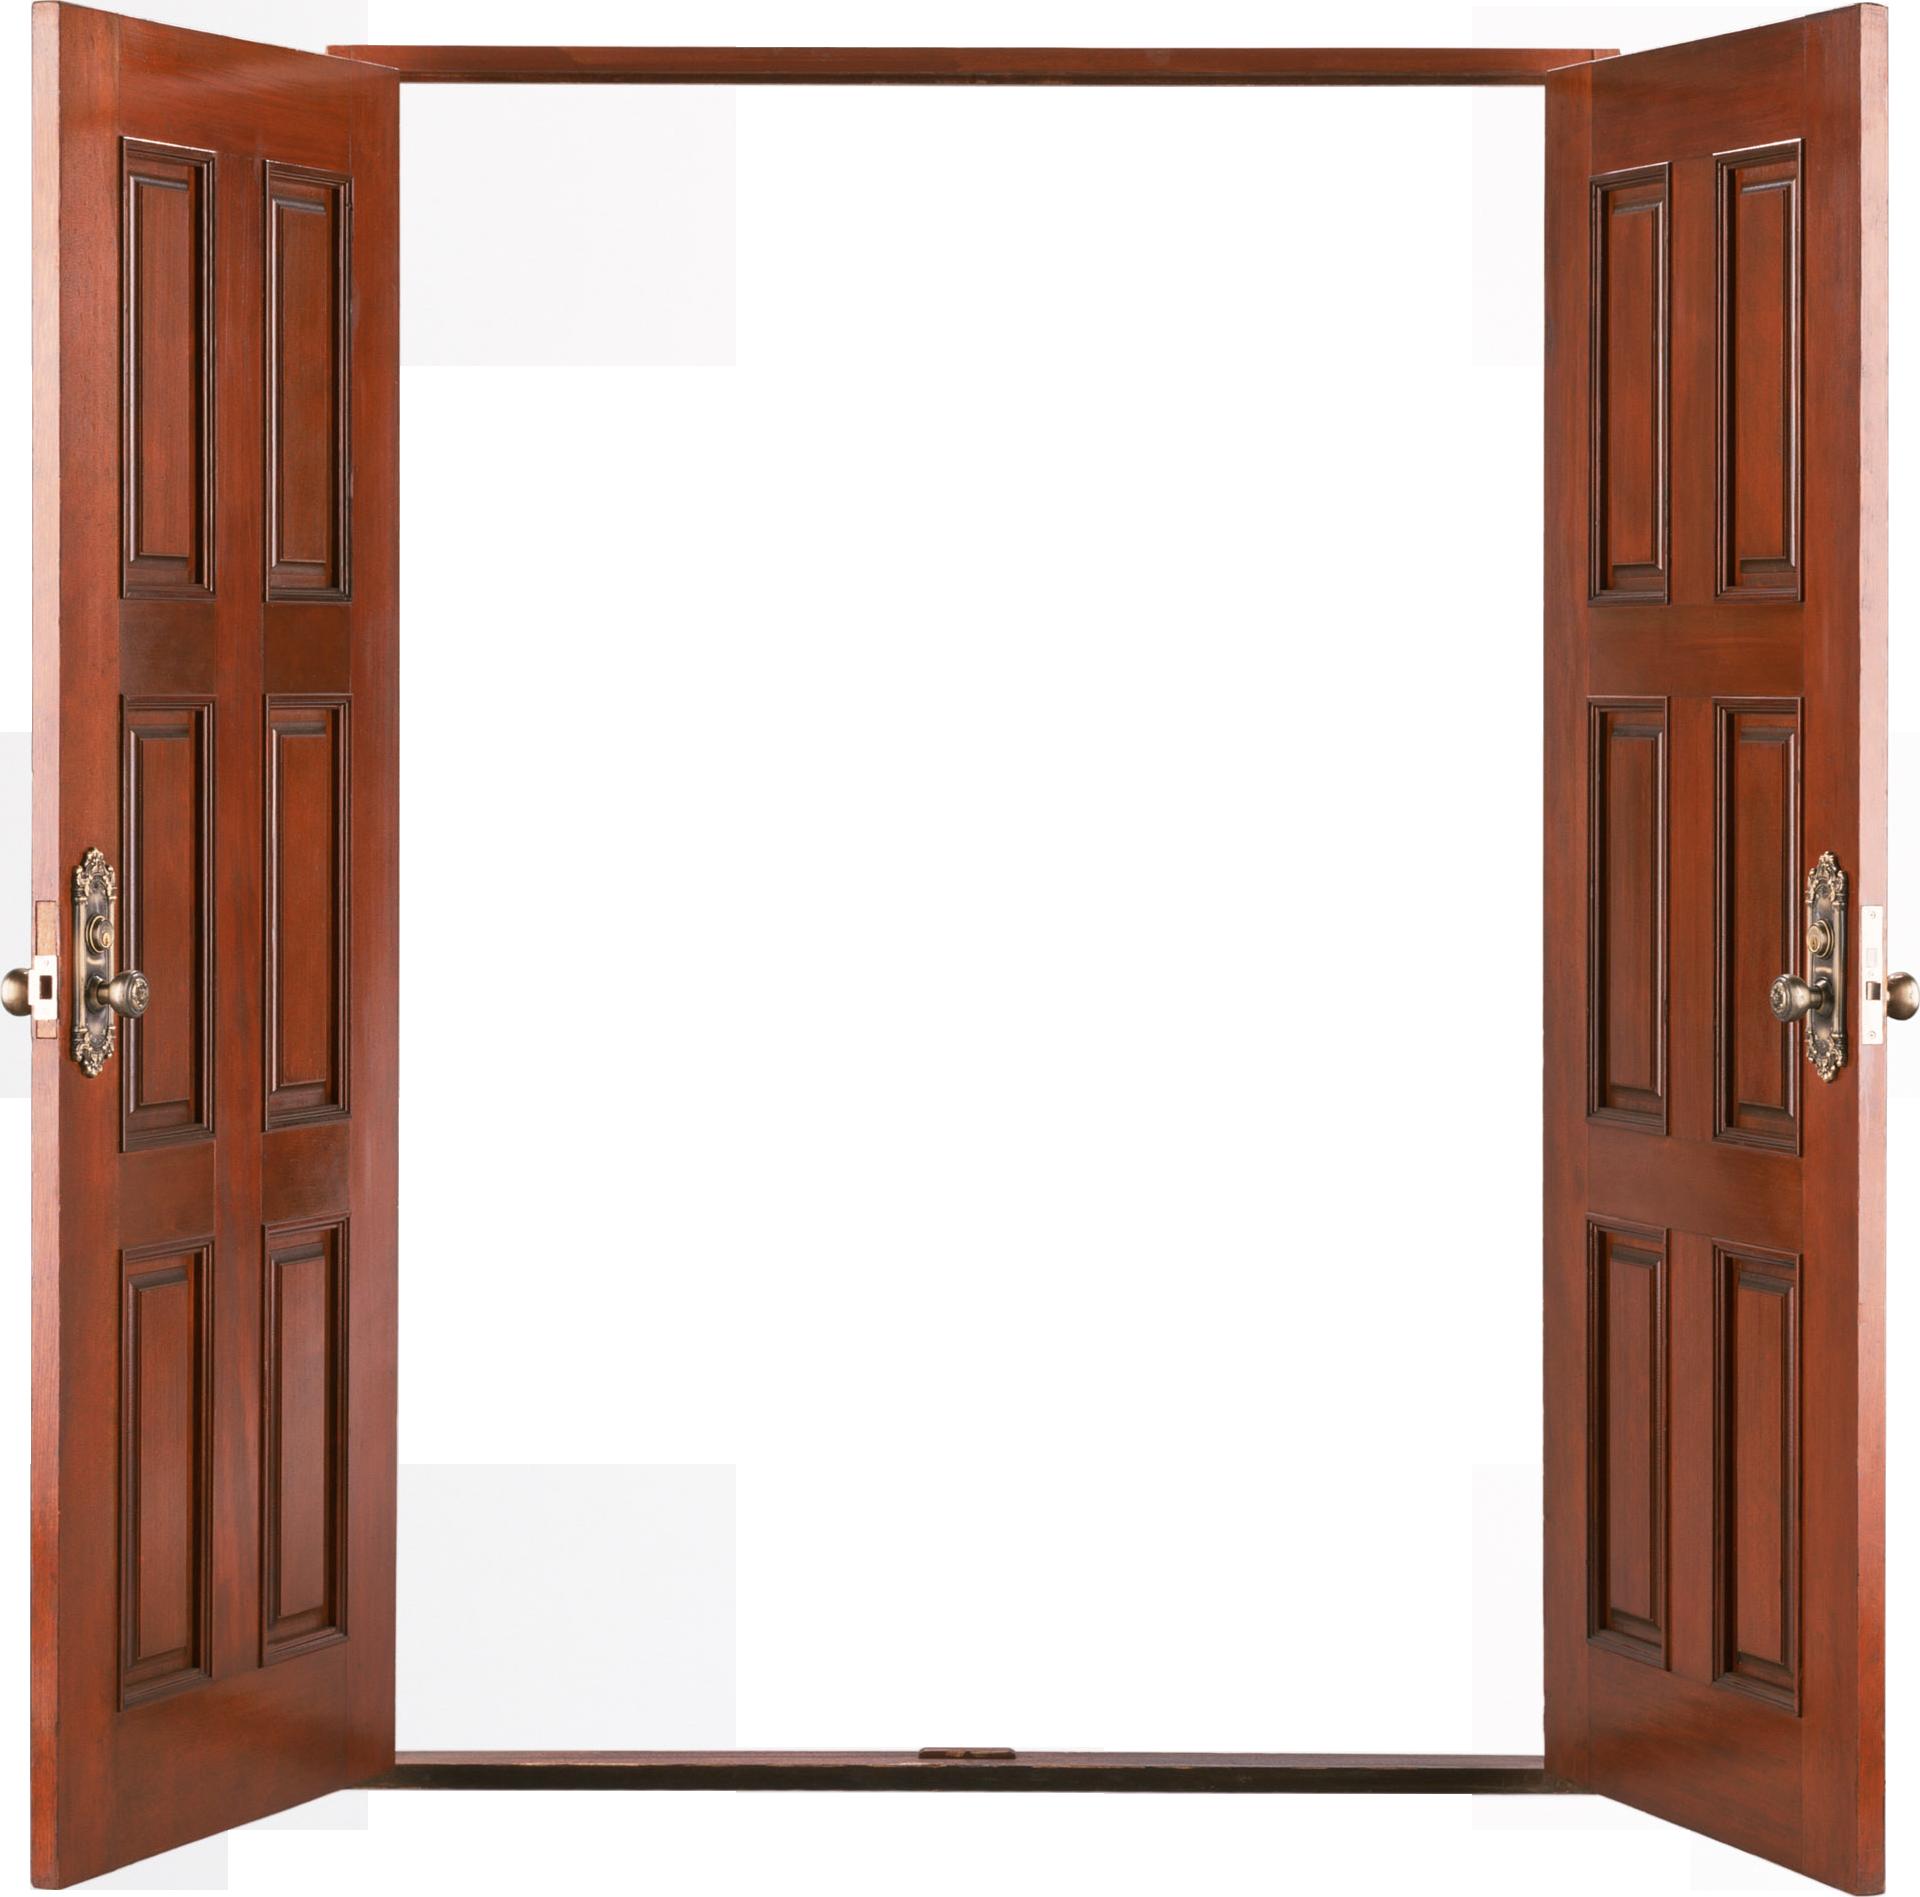 Open wooden door